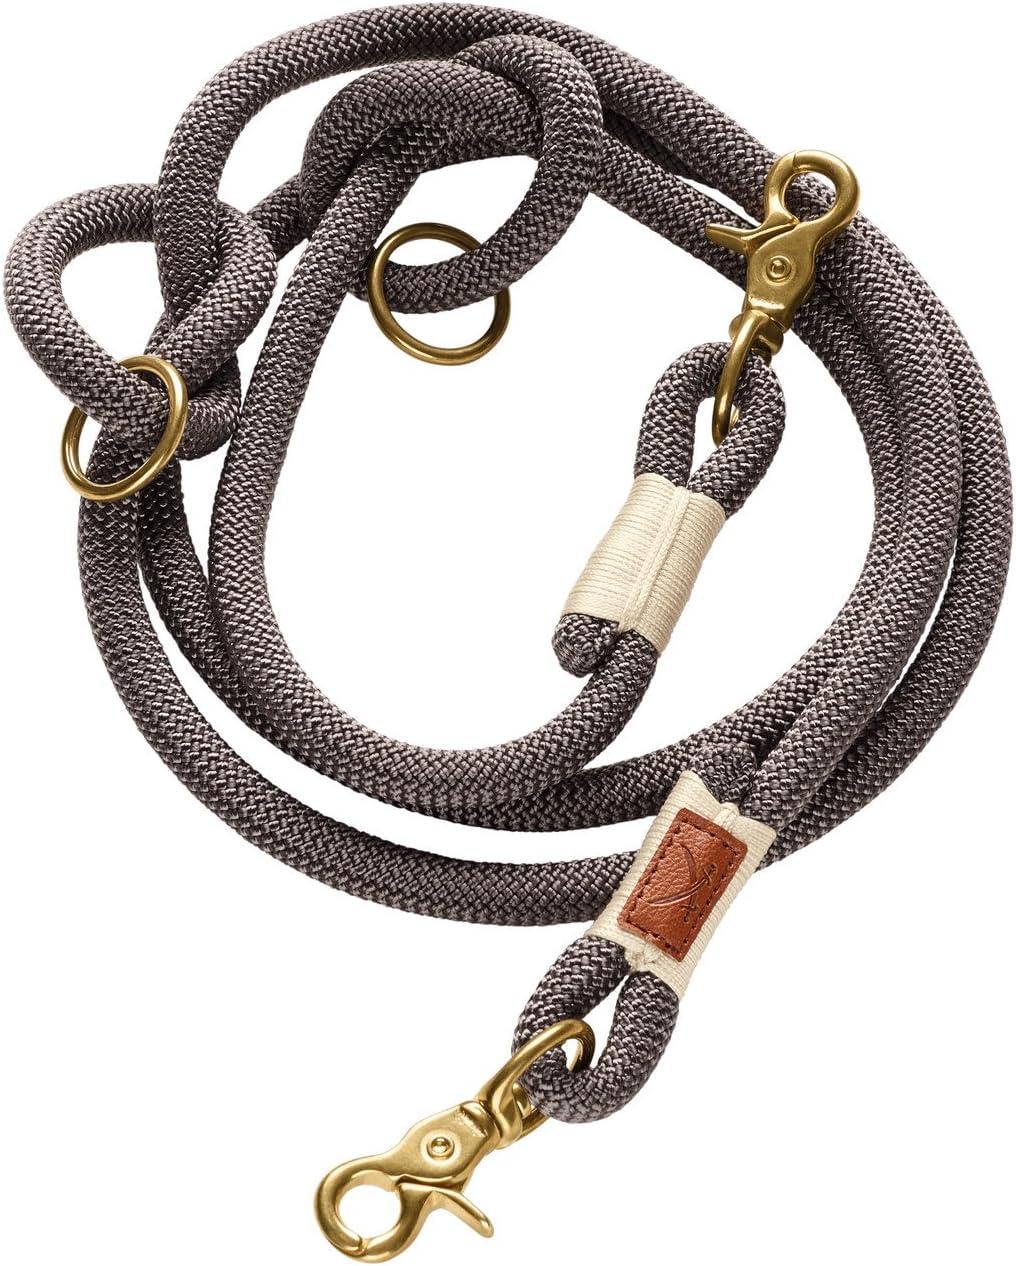 HUNTER Adjustable leash Sansibar Rantum 12//200 Rope tan